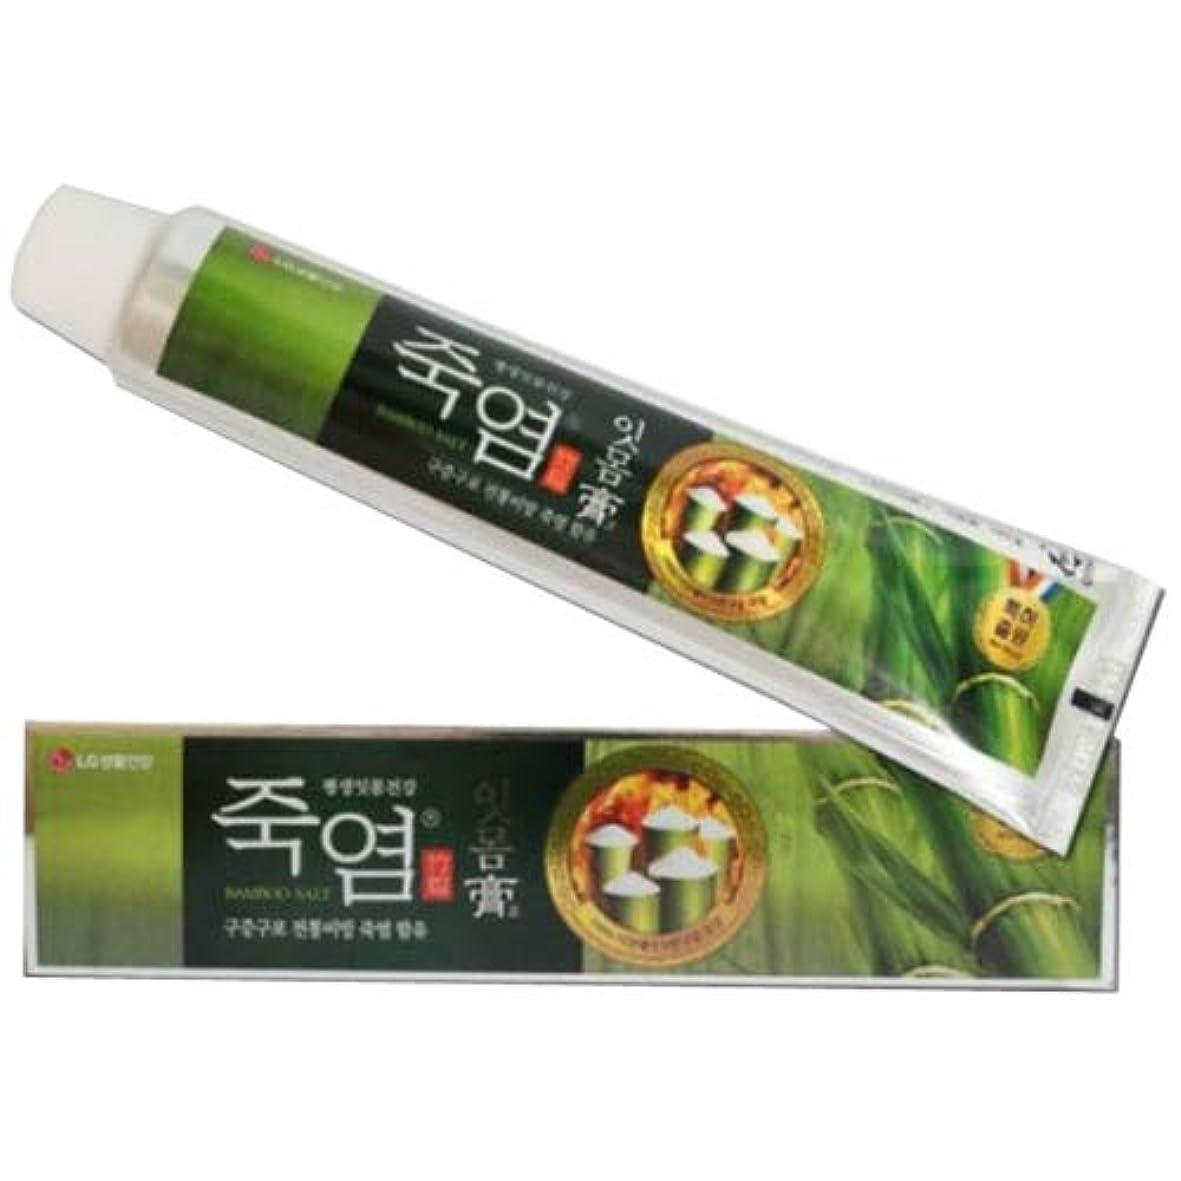 療法額会社[LG Care/LG生活健康]竹塩歯磨き粉つぶれて歯茎を健康に120g x1EA 歯磨きセットスペシャル?リミテッドToothpaste Set Special Limited Korea